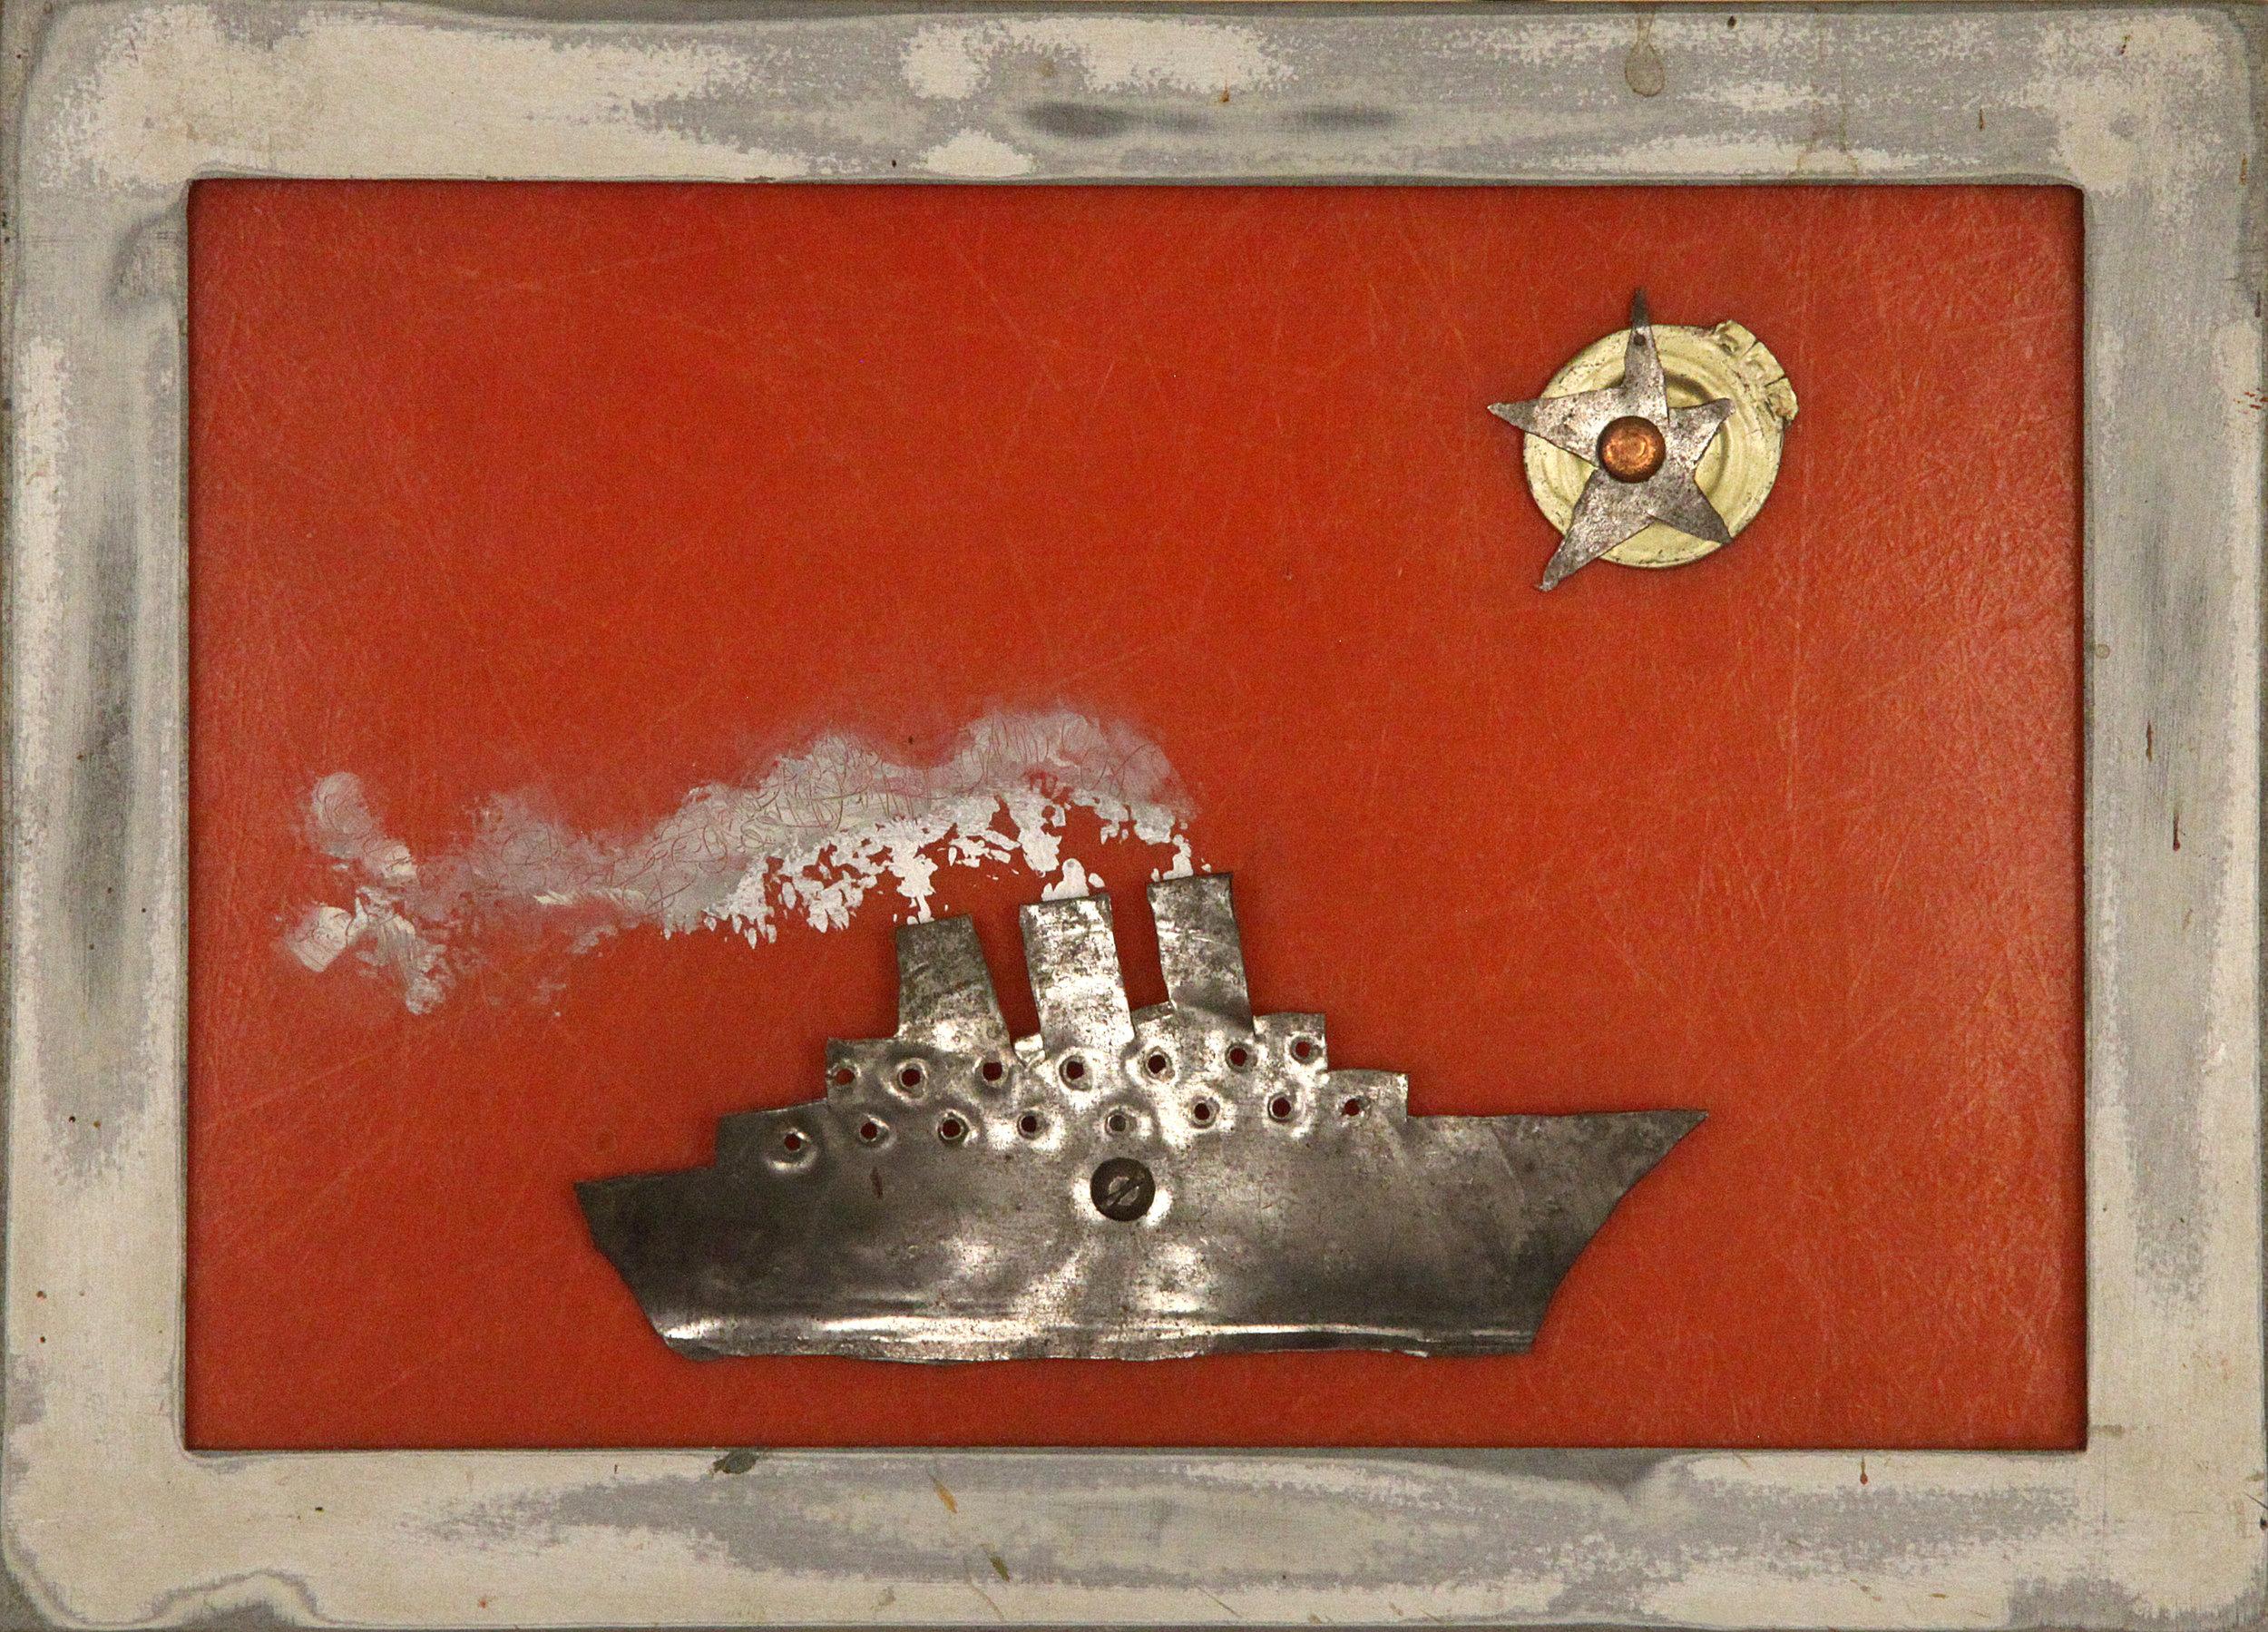 Sans-titre  /  Untitled , circa 2001, cadre, bâteau et soleil en métal sur fond de plastique-fibre de verre orangé / metal frame, metal boat and sun on orange plastic-fibre glass, 7 ¾ in. x 10 ¾ in. / 19,68 x 27,3 cm.